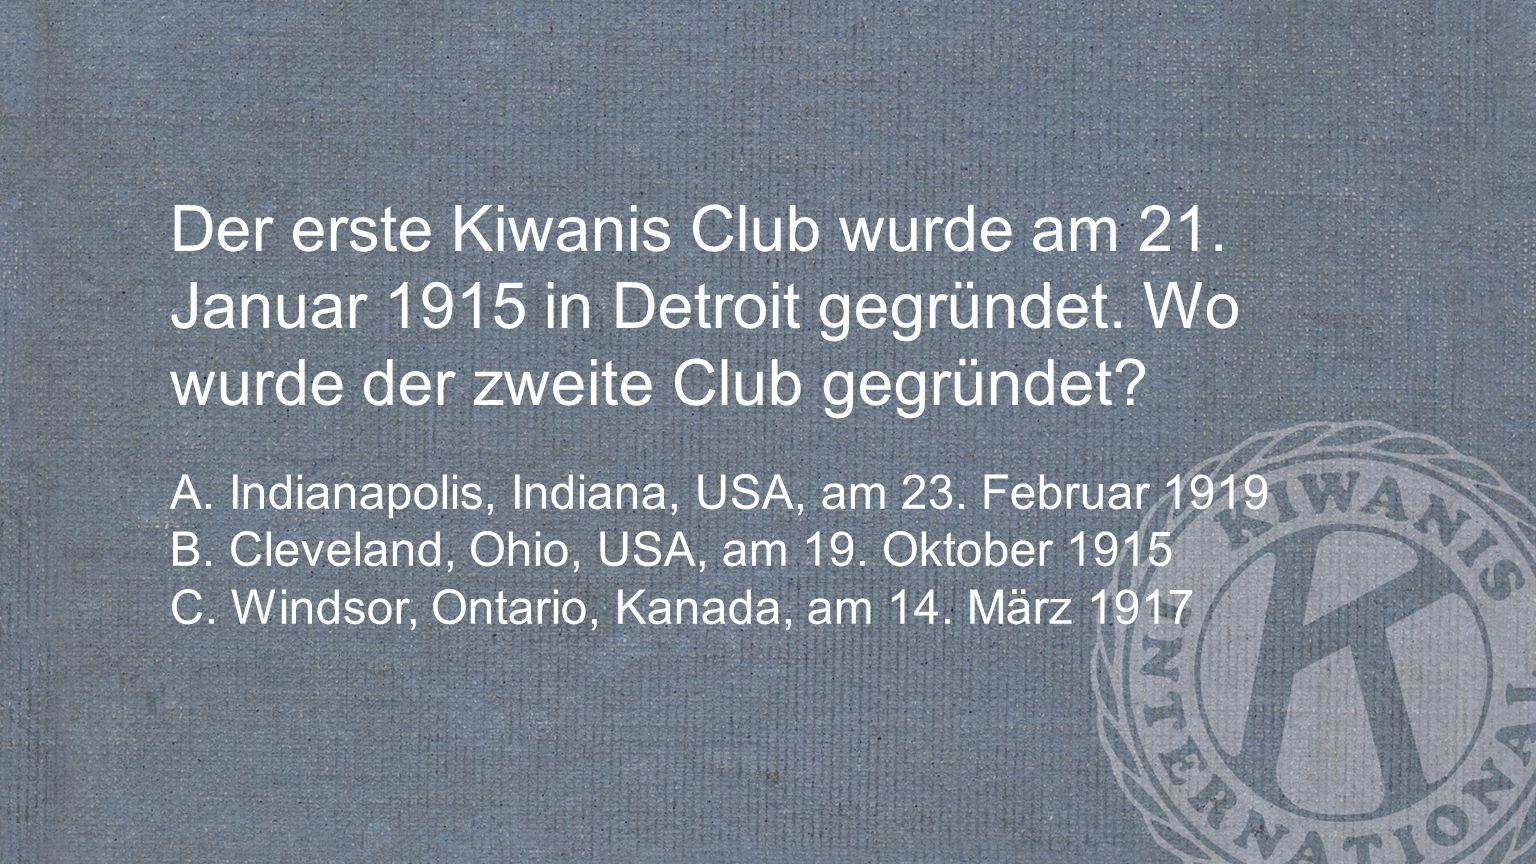 Der erste Kiwanis Club wurde am 21. Januar 1915 in Detroit gegründet